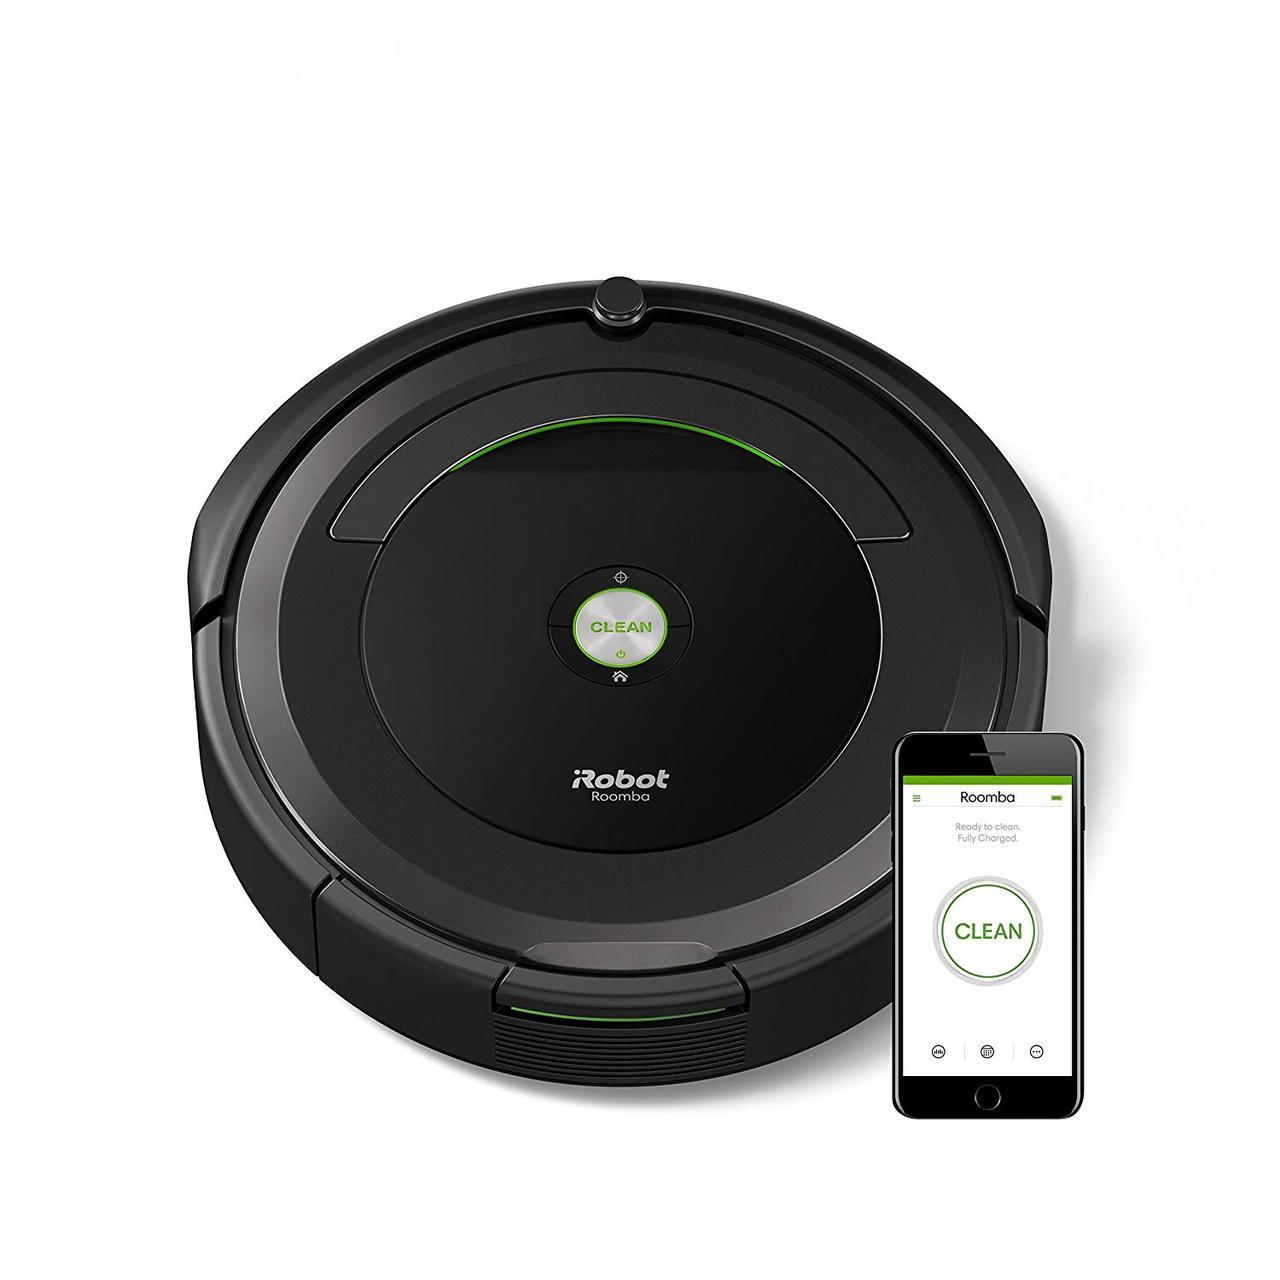 画像: 「ルンバ691」は、ルンバの基本機能を備えたベーシックな600シリーズのAmazon.co.jp限定モデル。Wi-Fiやスマートスピーカーに対応し、Amazon Echoと組み合わせて声でコントロールすることもできる。